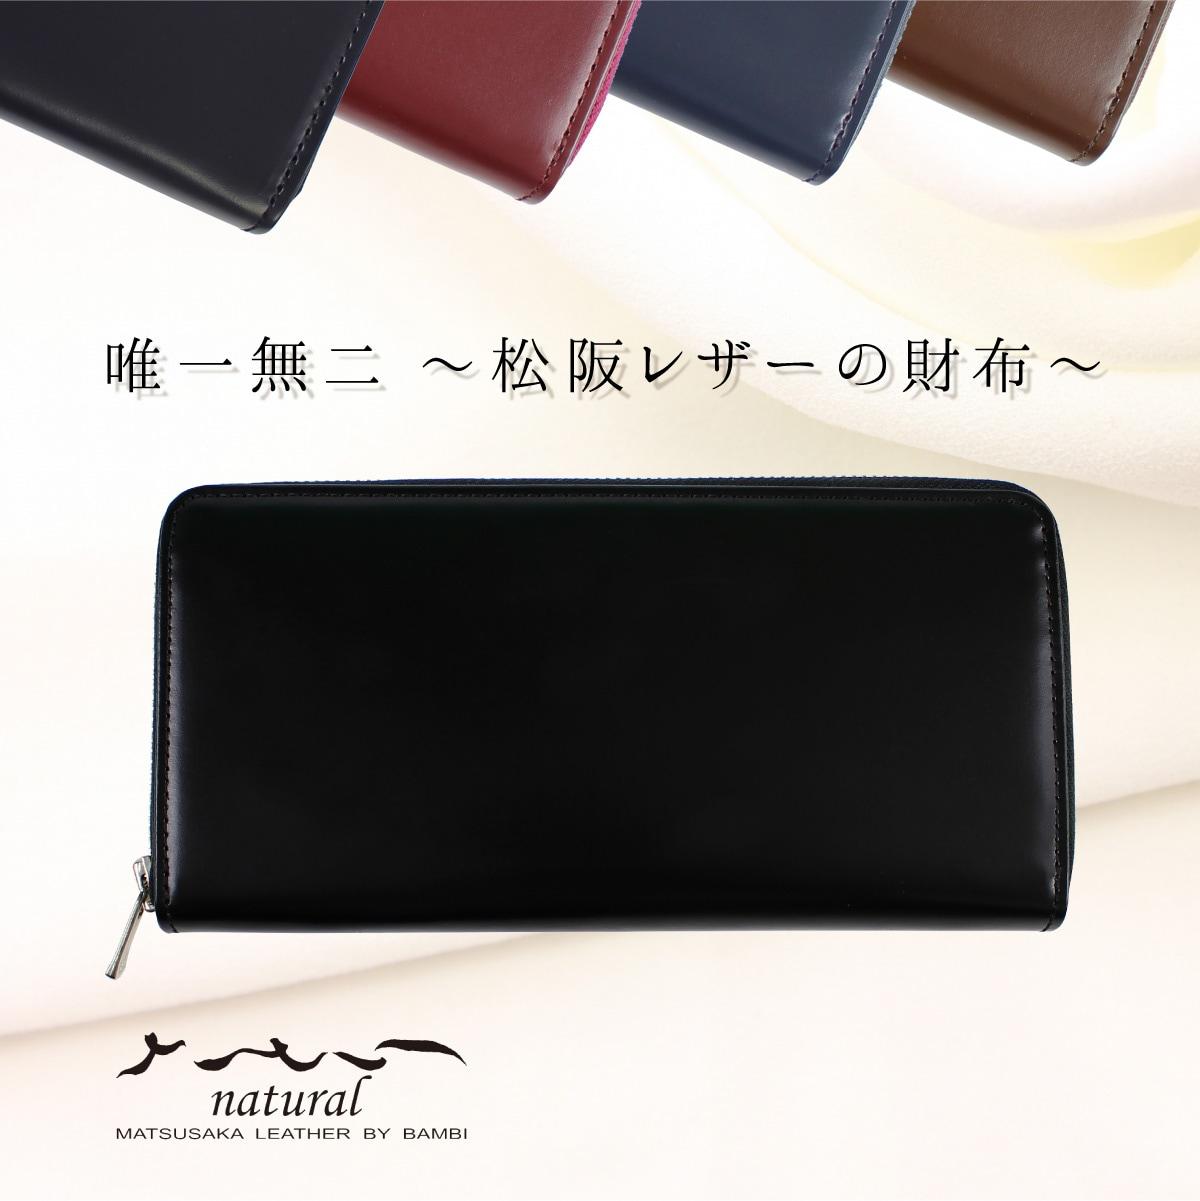 松阪レザーのプレミアム財布 さとりナチュラル ラウンドファスナー長財布 【カラー:硯】 開運グッズ